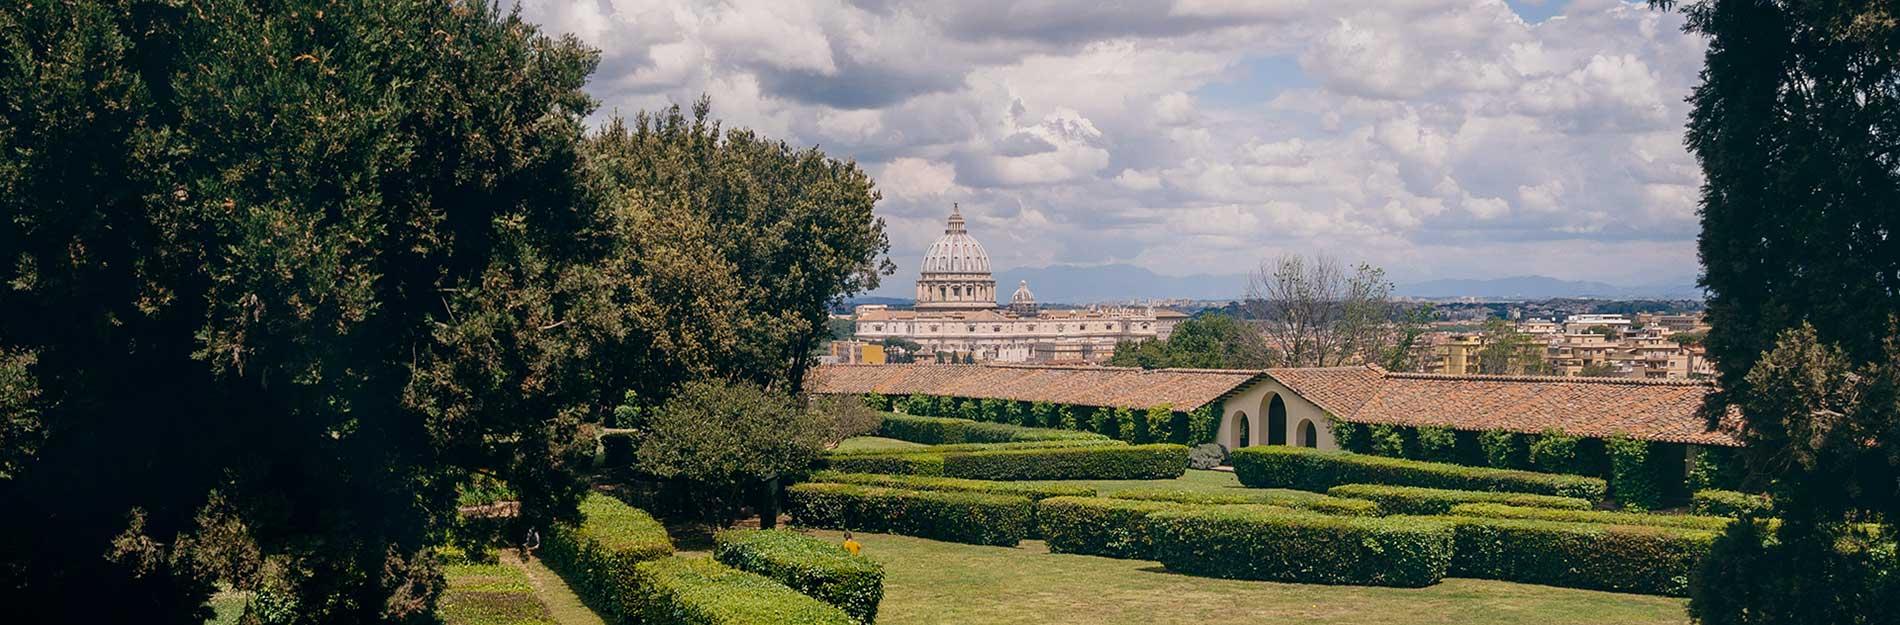 Fondazione Piccolomini